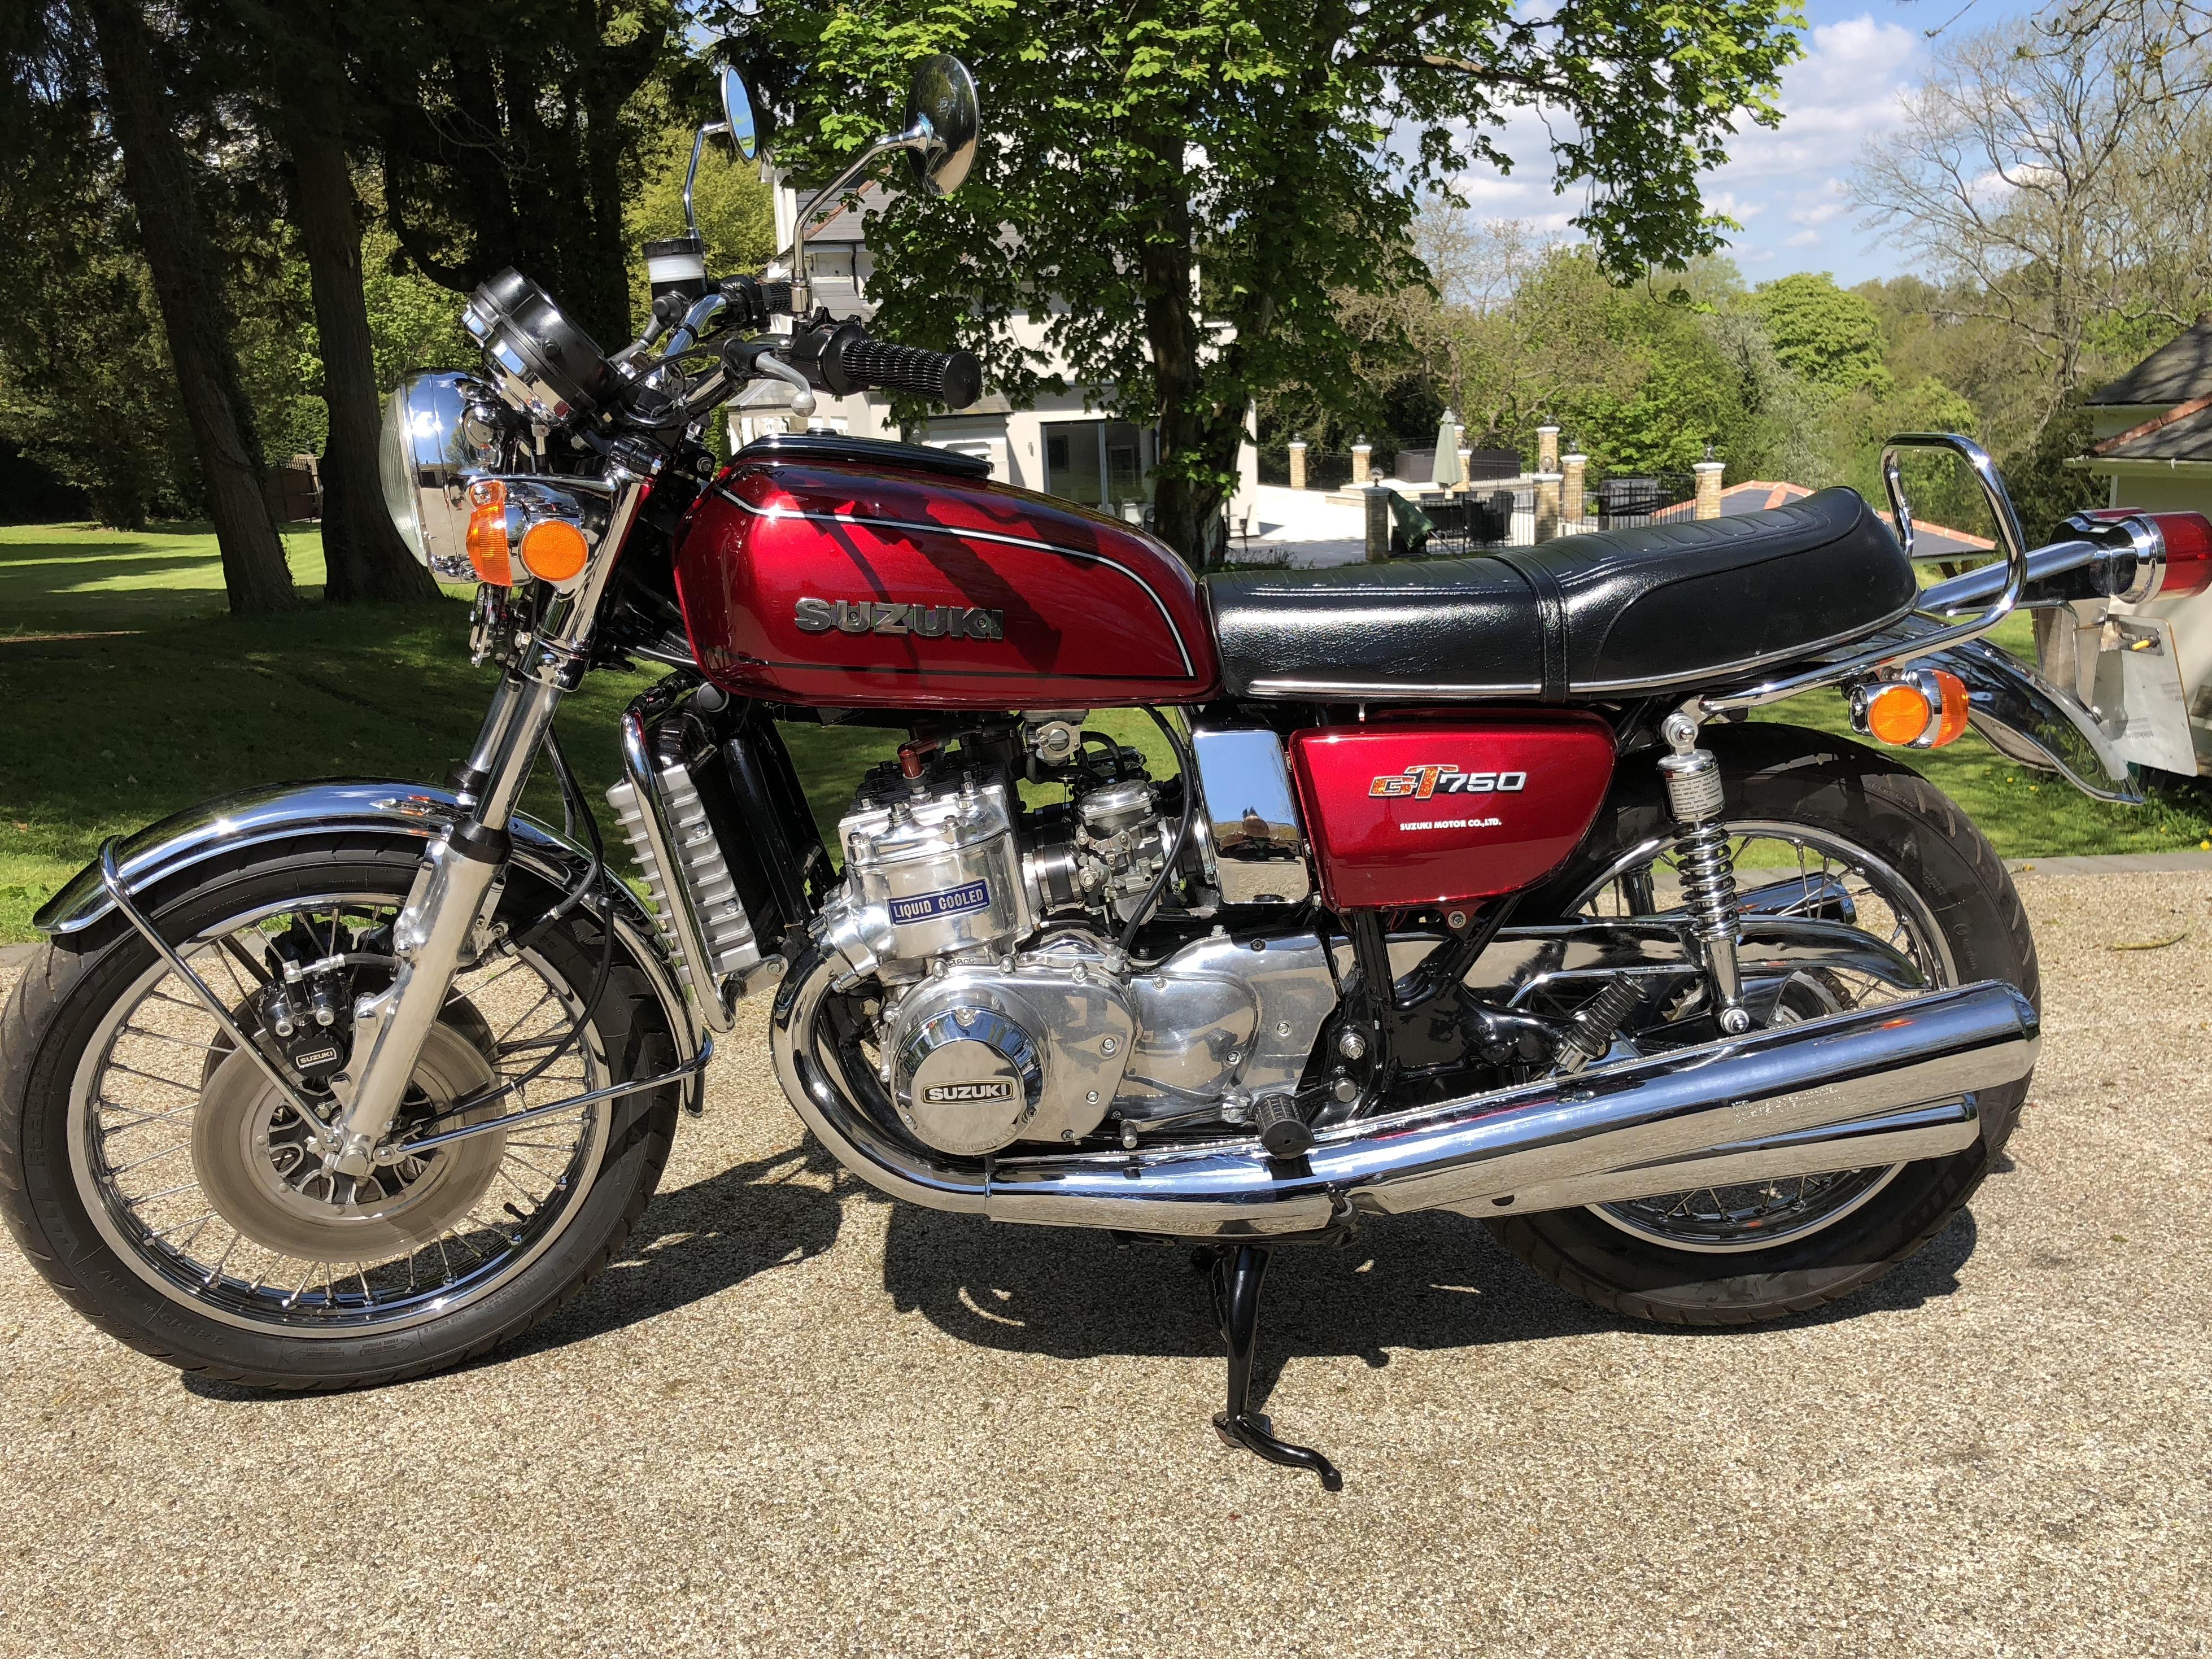 GT750A